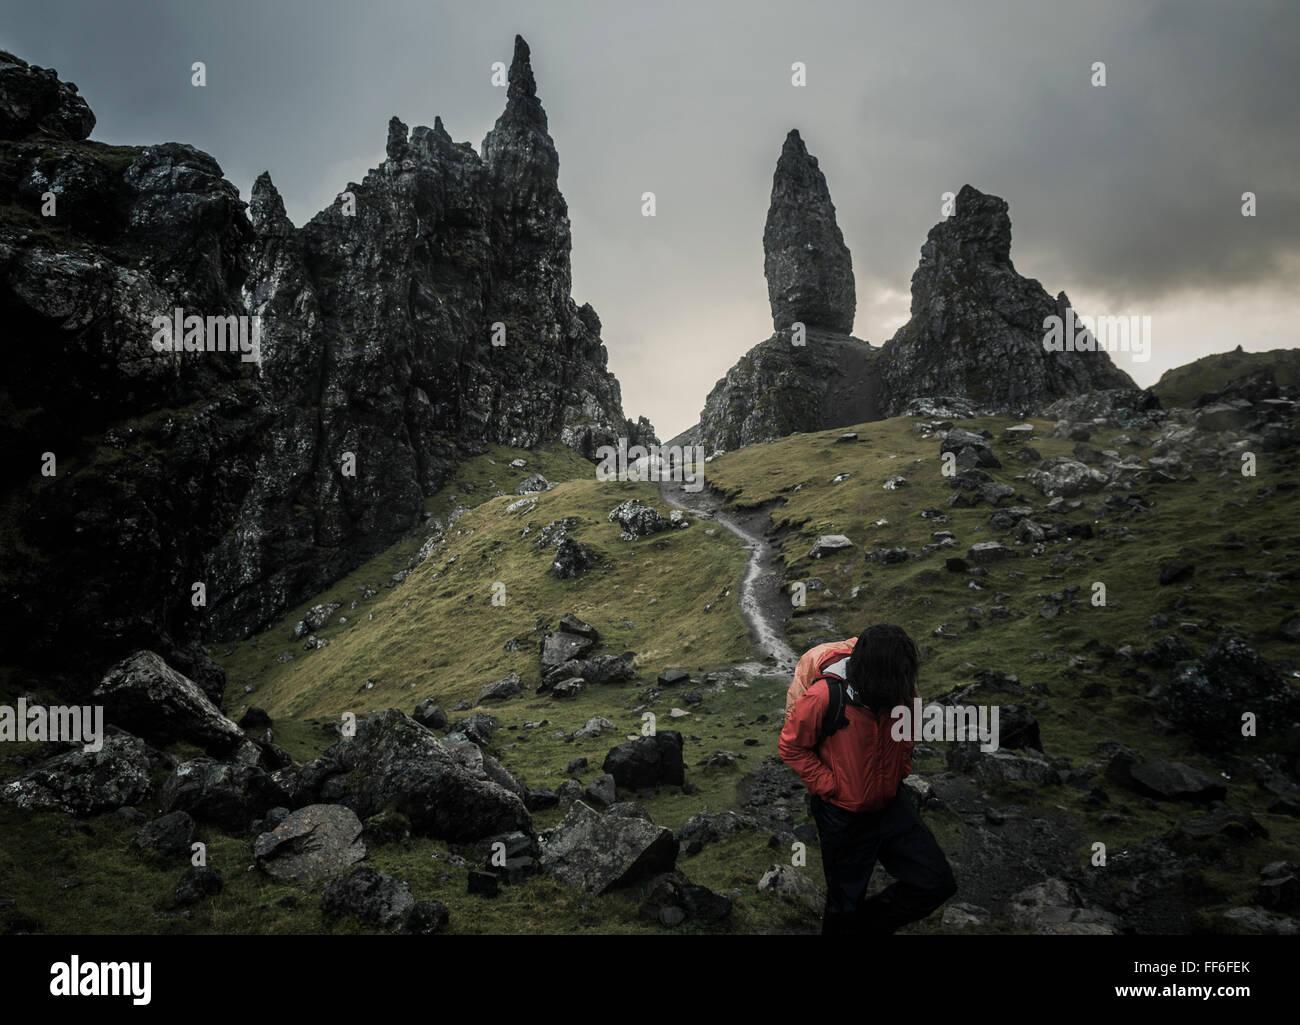 Dos personas con mochilas en un camino estrecho, hasta llegar a un espectacular paisaje de pináculos de roca Imagen De Stock